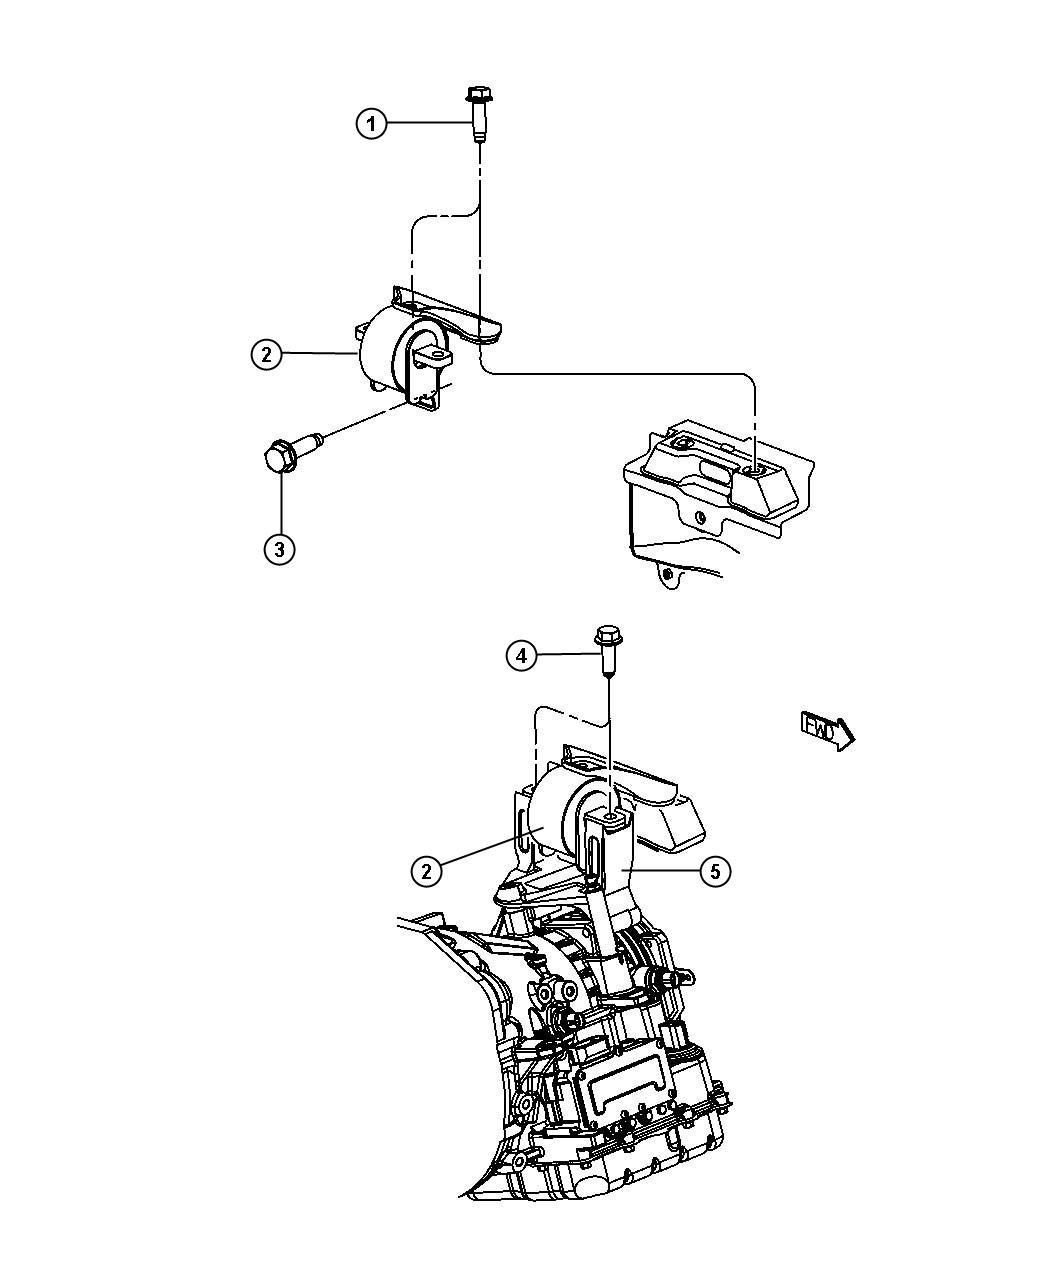 2010 Dodge Avenger SXT 3.5L V6 A/T Isolator. Transmission